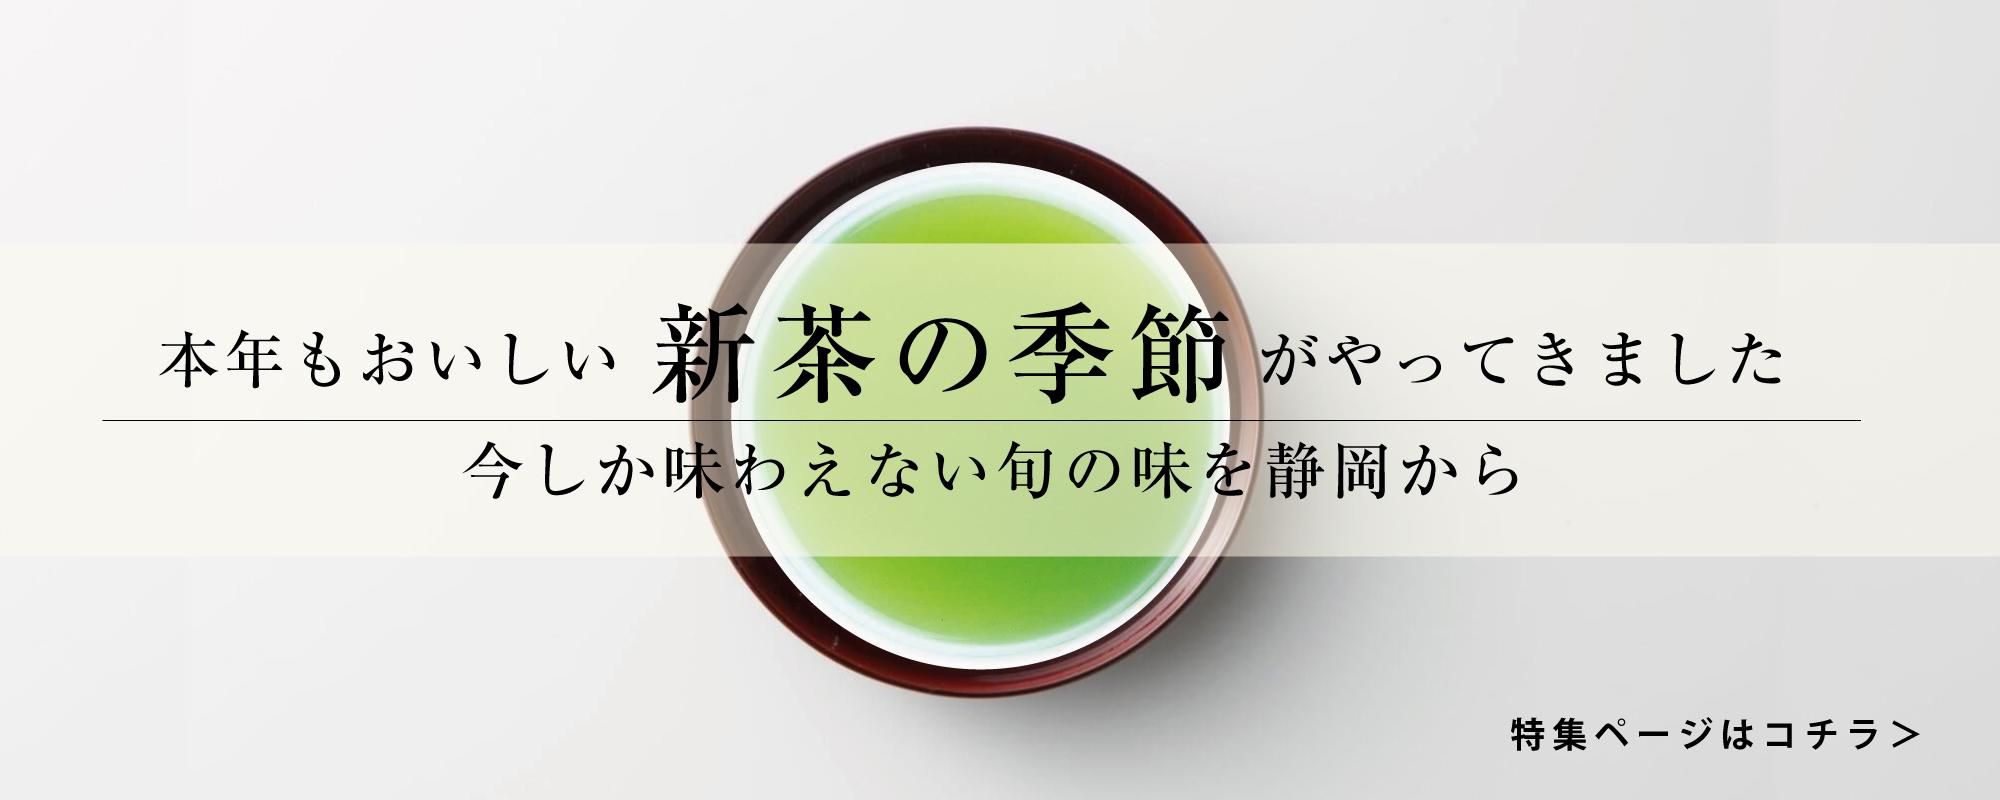 静岡から産地直送「おいしい新茶」特集